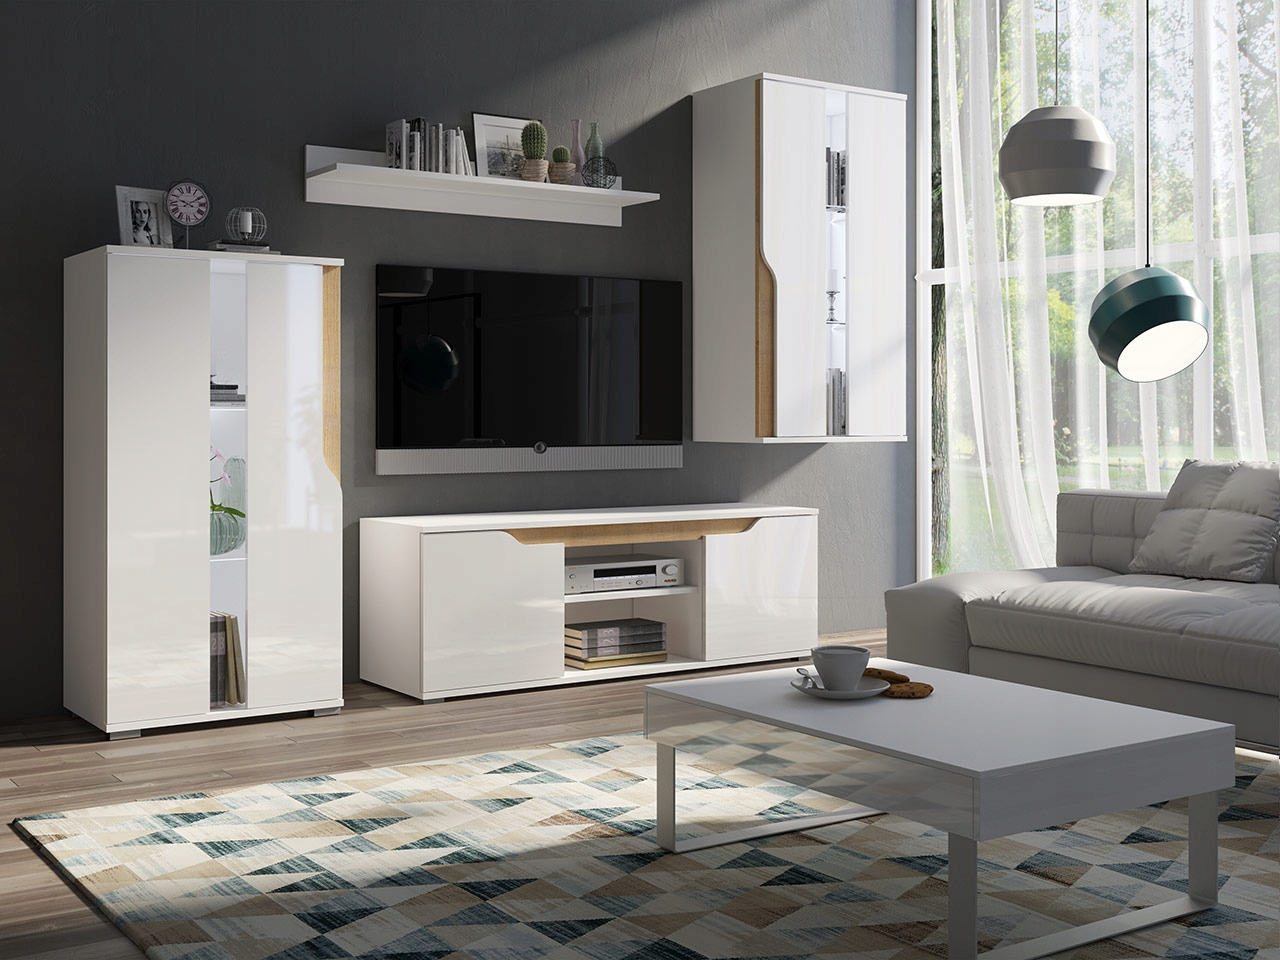 Купить набор мебели для САЛОН Мебель LANCO meblościanka на Eurozakup - цены и фото - доставка из Польши и стран Европы в Украину.